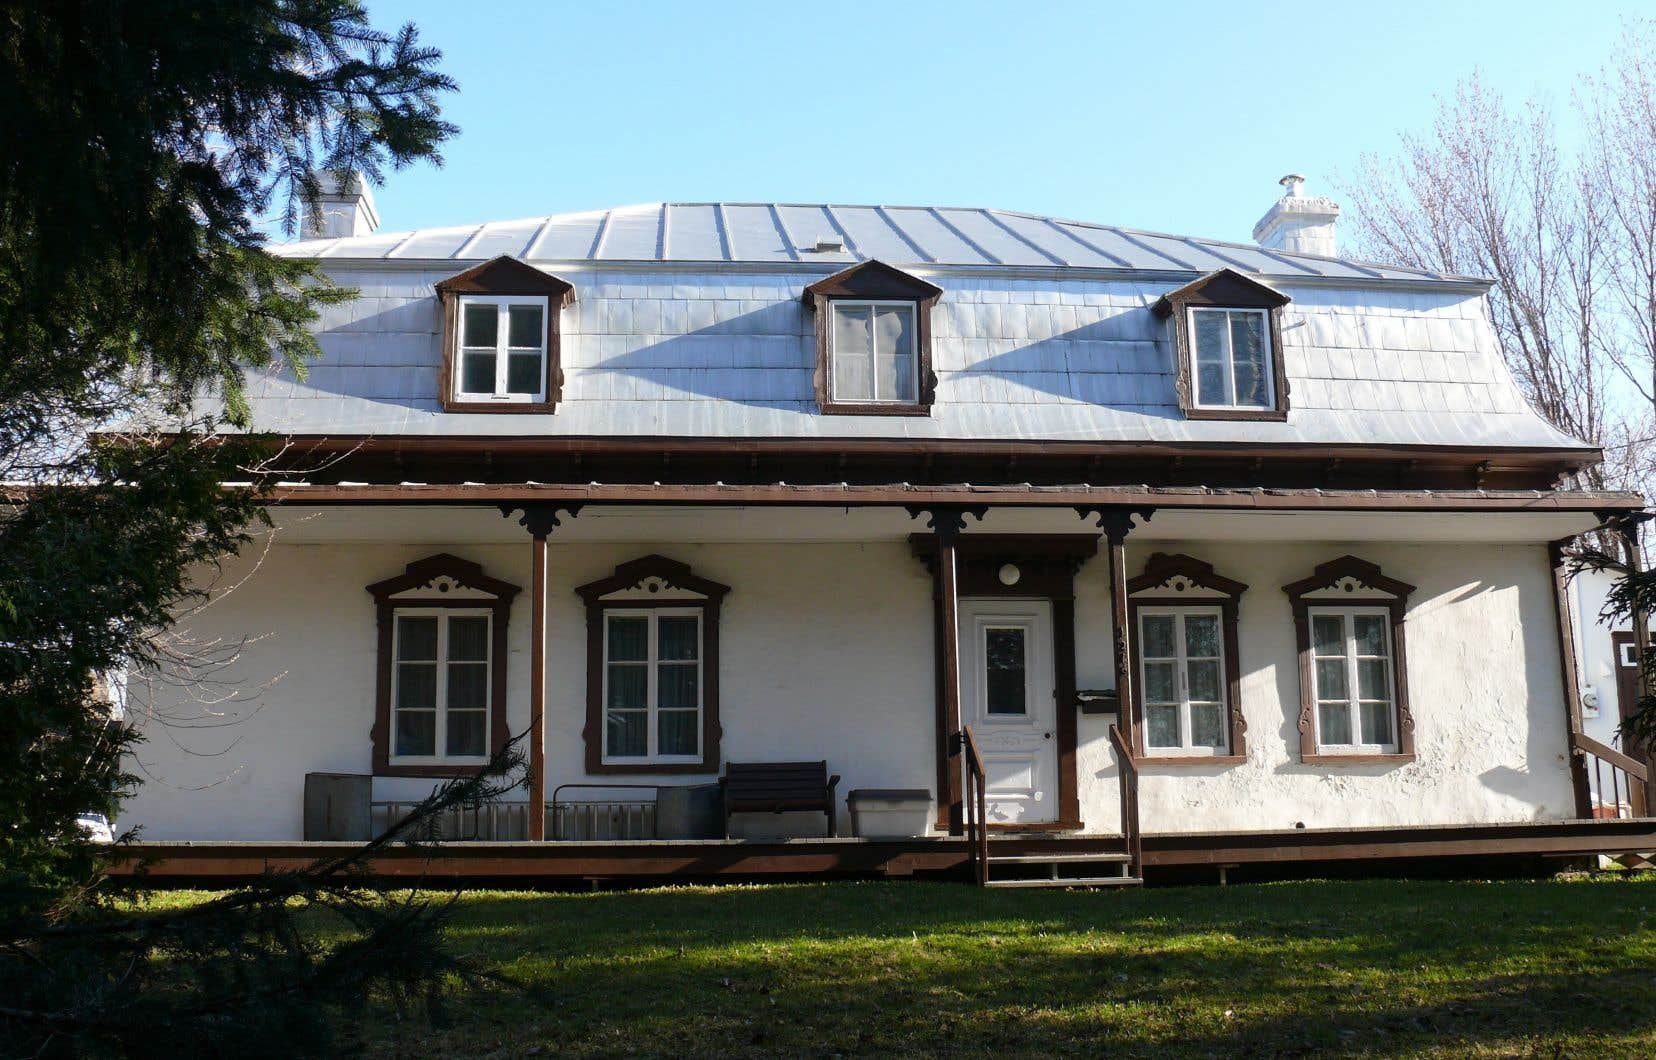 La maison Jobin-Bédard, un bâtiment construit entre 1770 et 1826